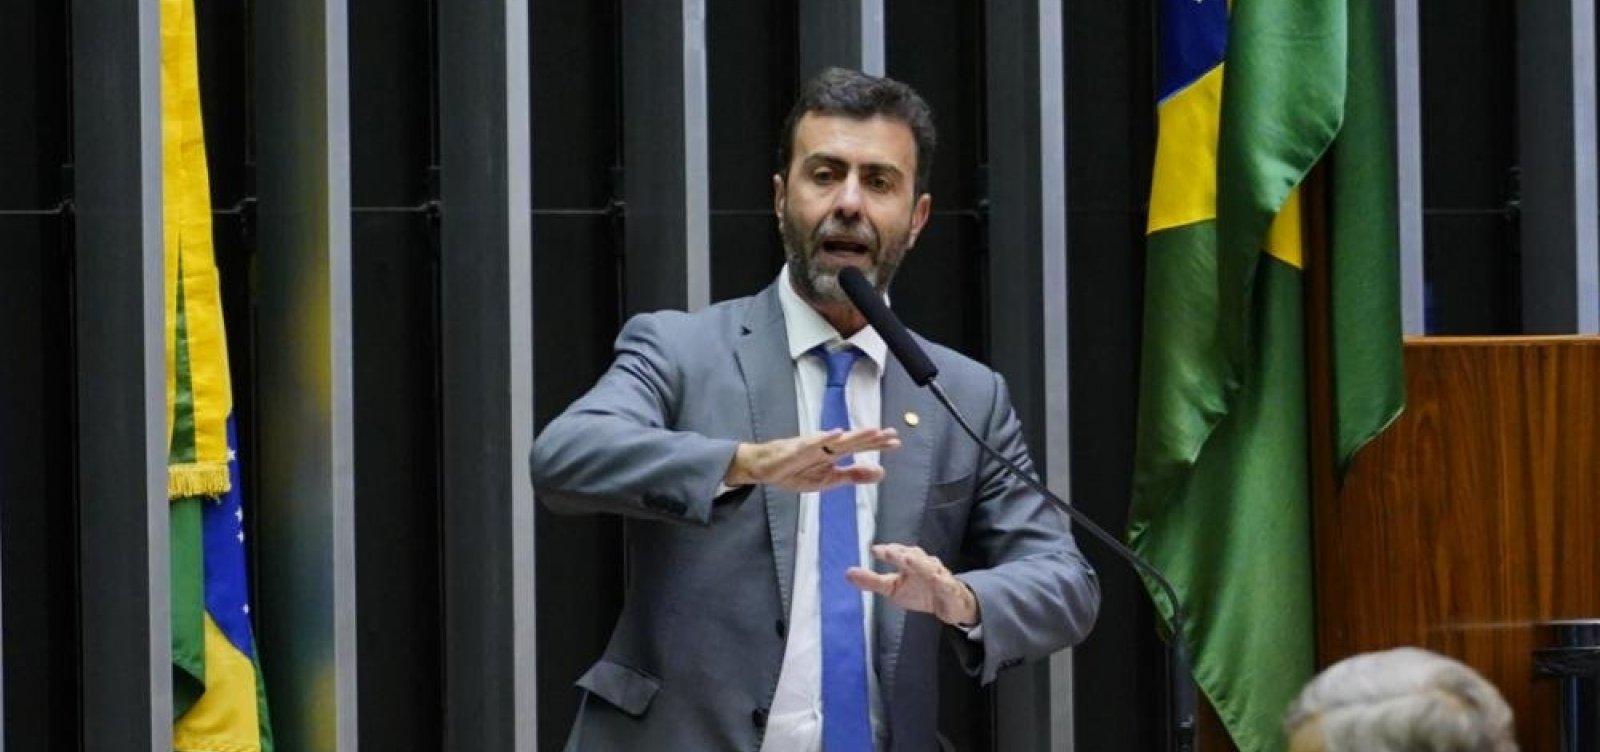 [Bancada do PSOL pede investigação de Bolsonaro no caso Marielle]